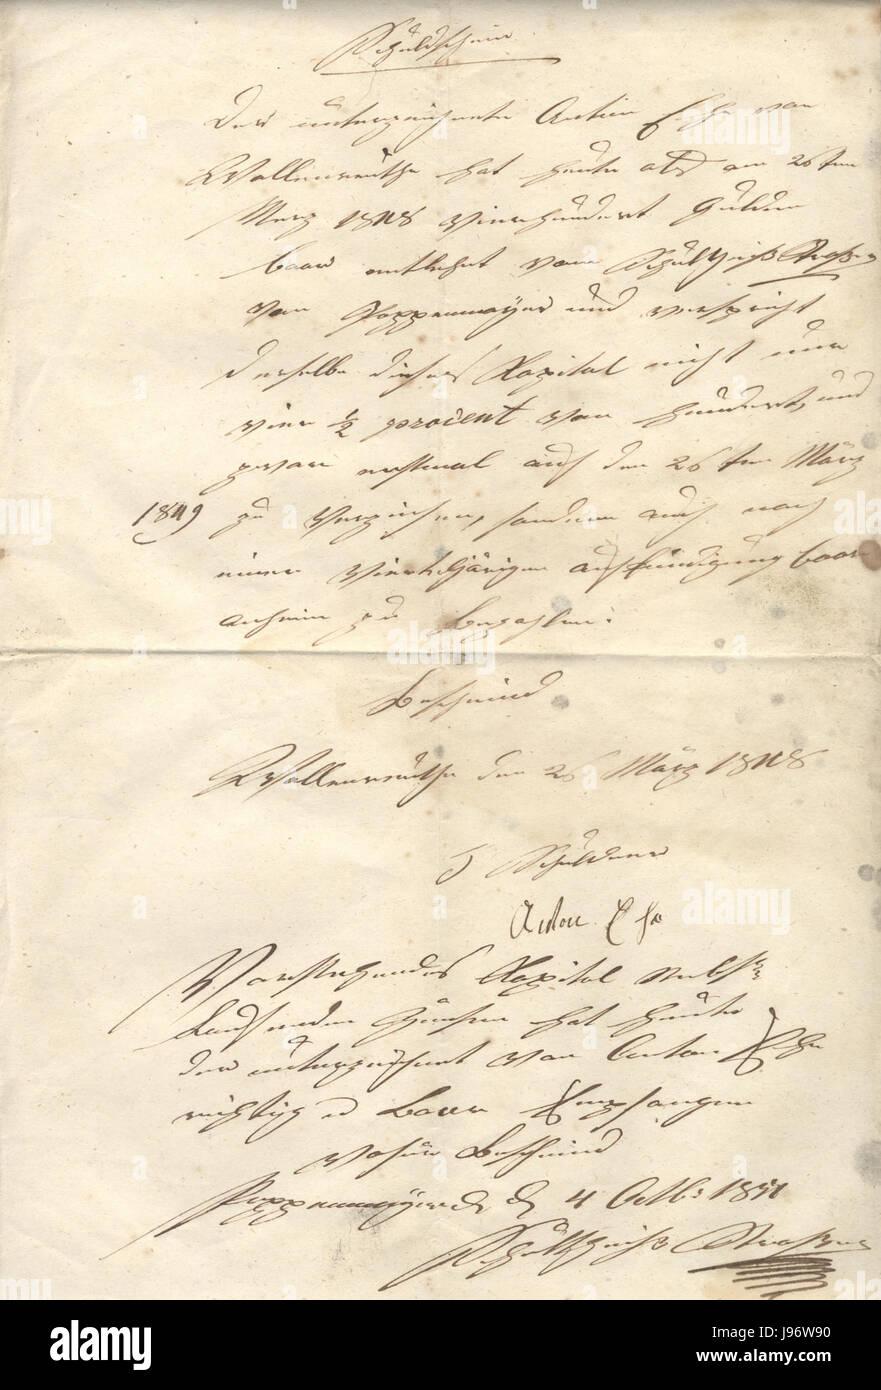 Schuldschein Wallenreute 1848 Foto Stock